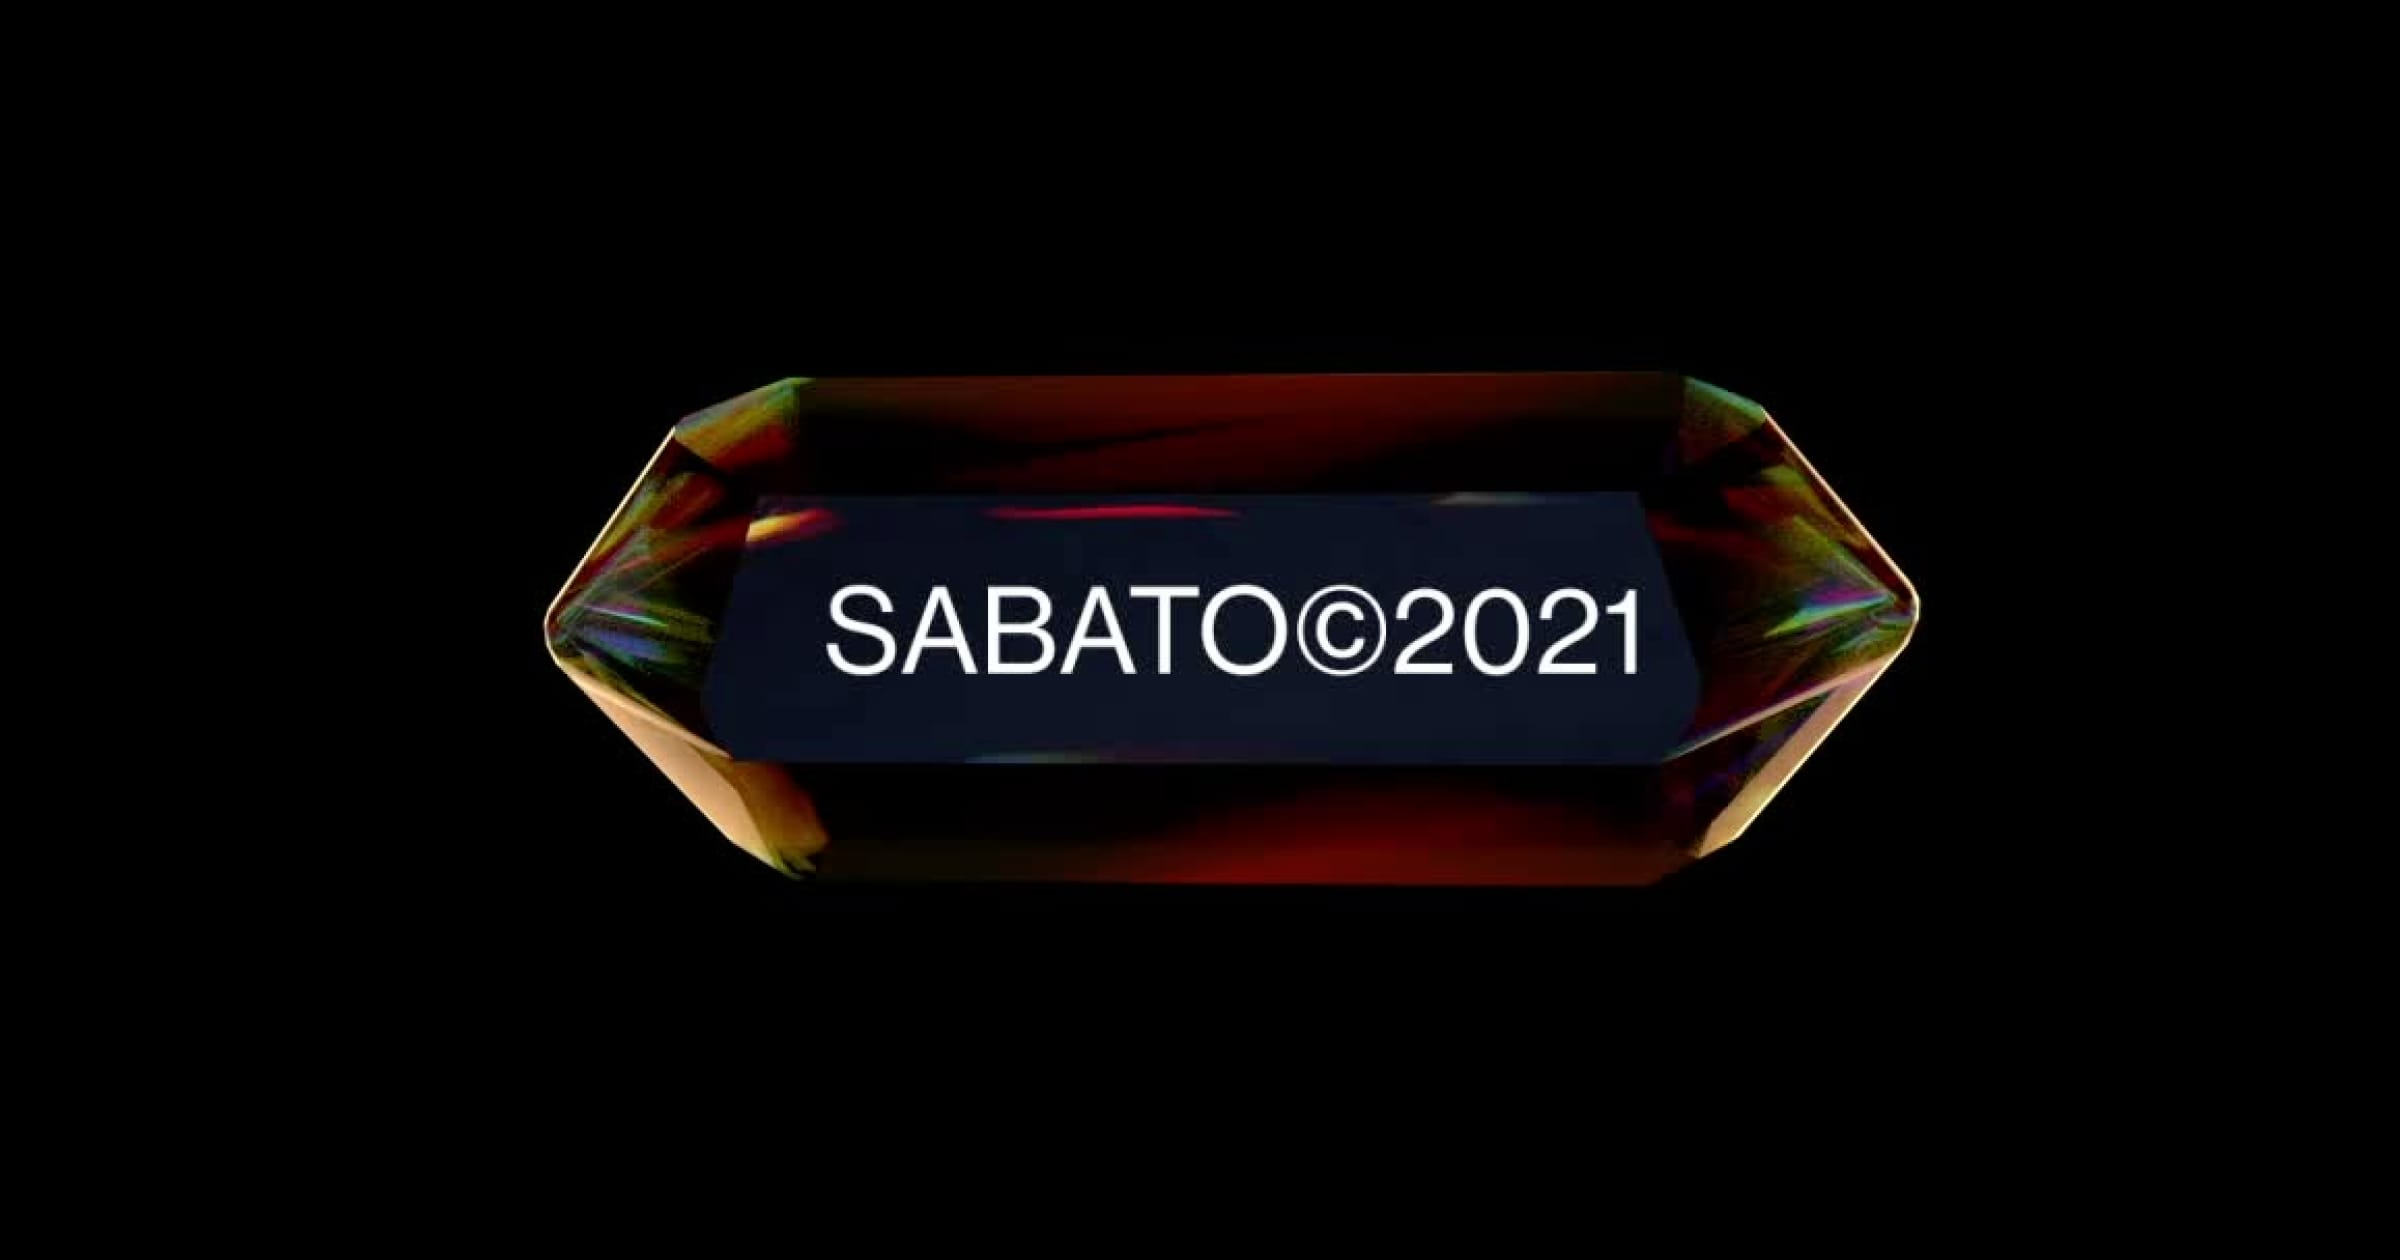 SABATO©2021